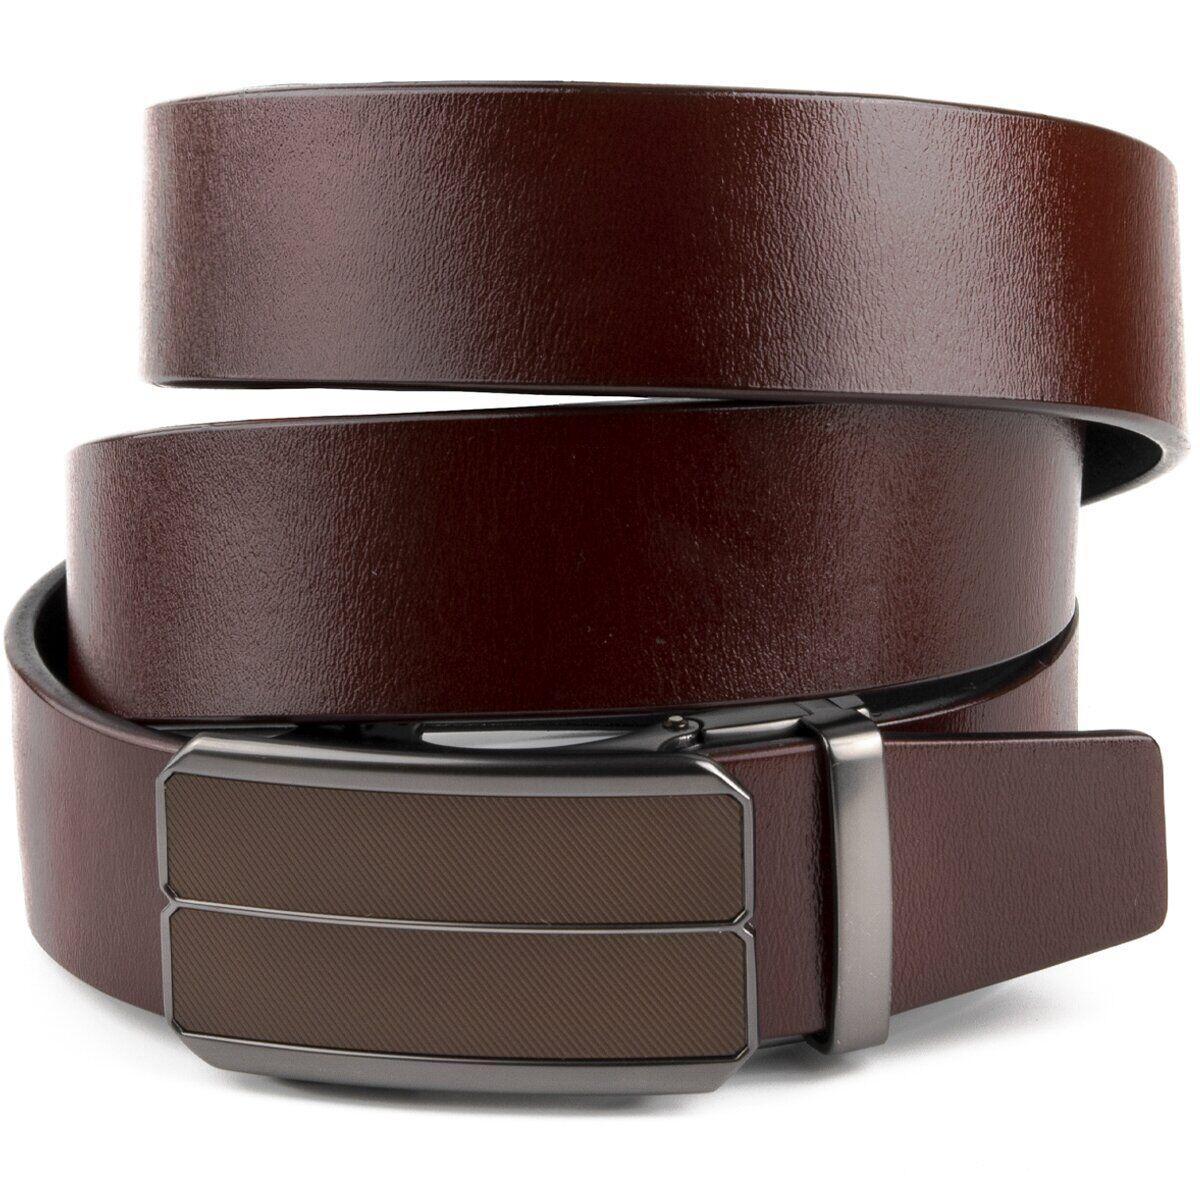 Ремень мужской с коричневой вставкой и затемненным металлом Vintage 20280 Коричневый